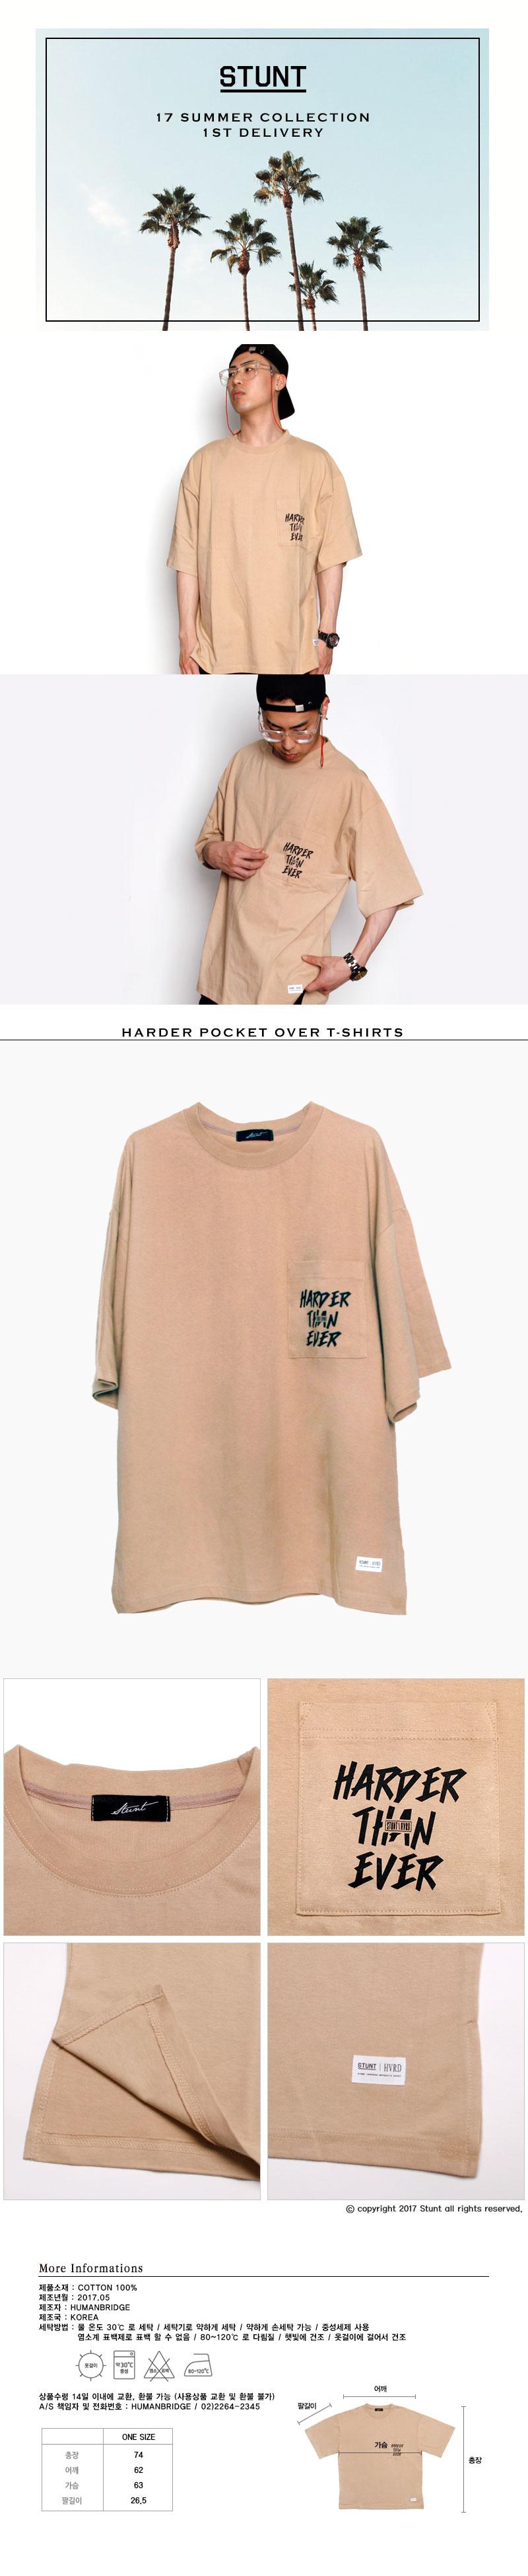 pocket-over-t-shirts-(beige).jpg